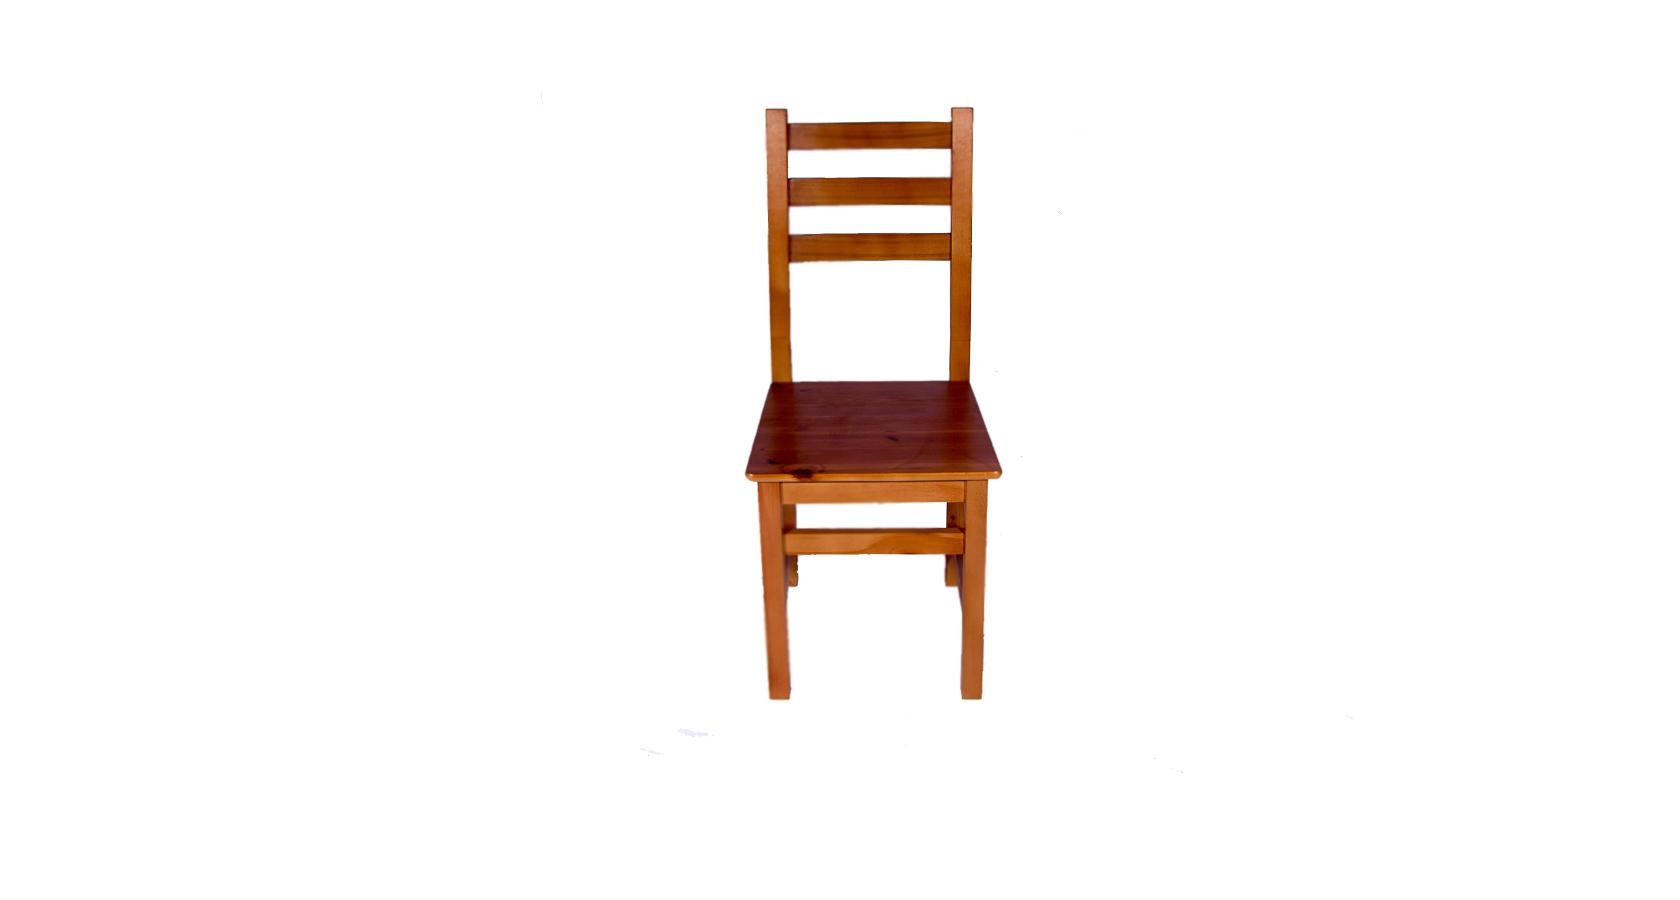 решил деревянные стулья со спинкой картинки первом фото